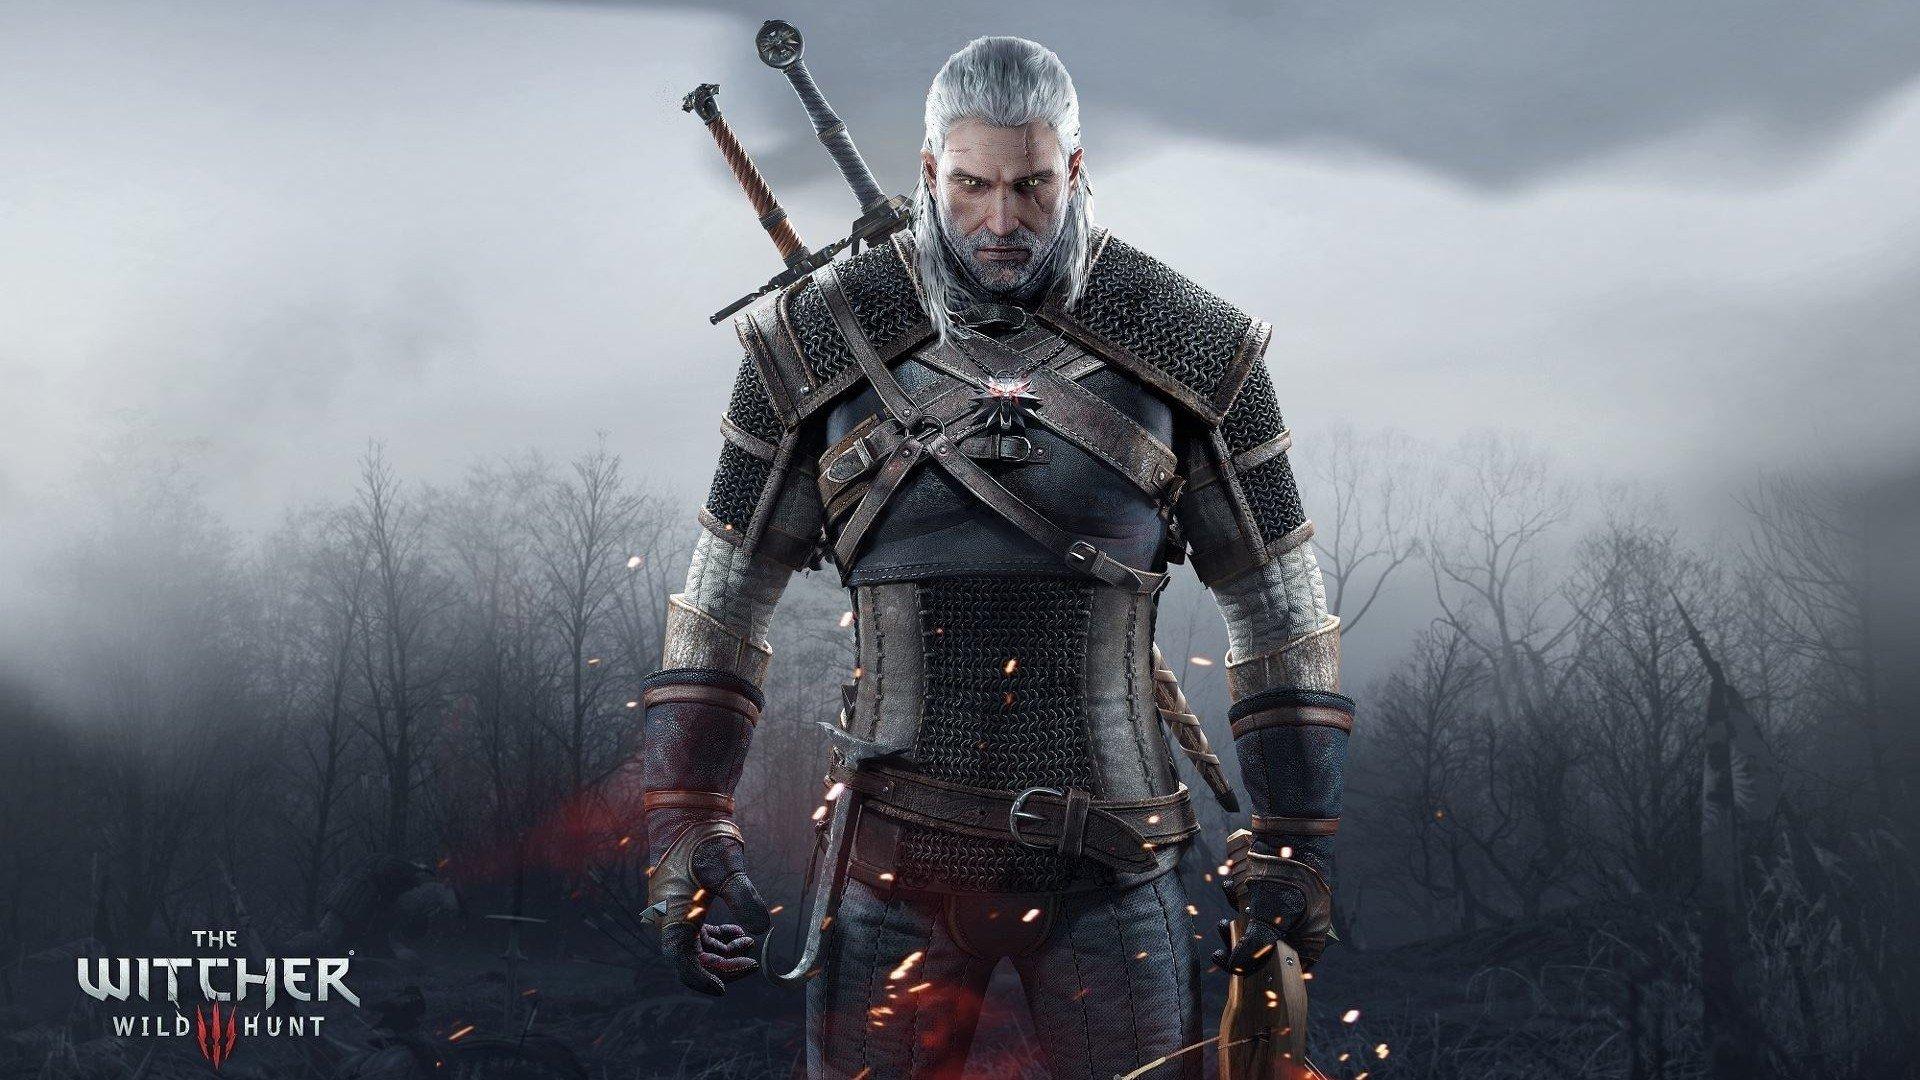 The Witcher 3: Wild Hunt. Ответы на вопросы, новые факты и информация о игре.   Сводка вопросов и ответов по игре, в .... - Изображение 20